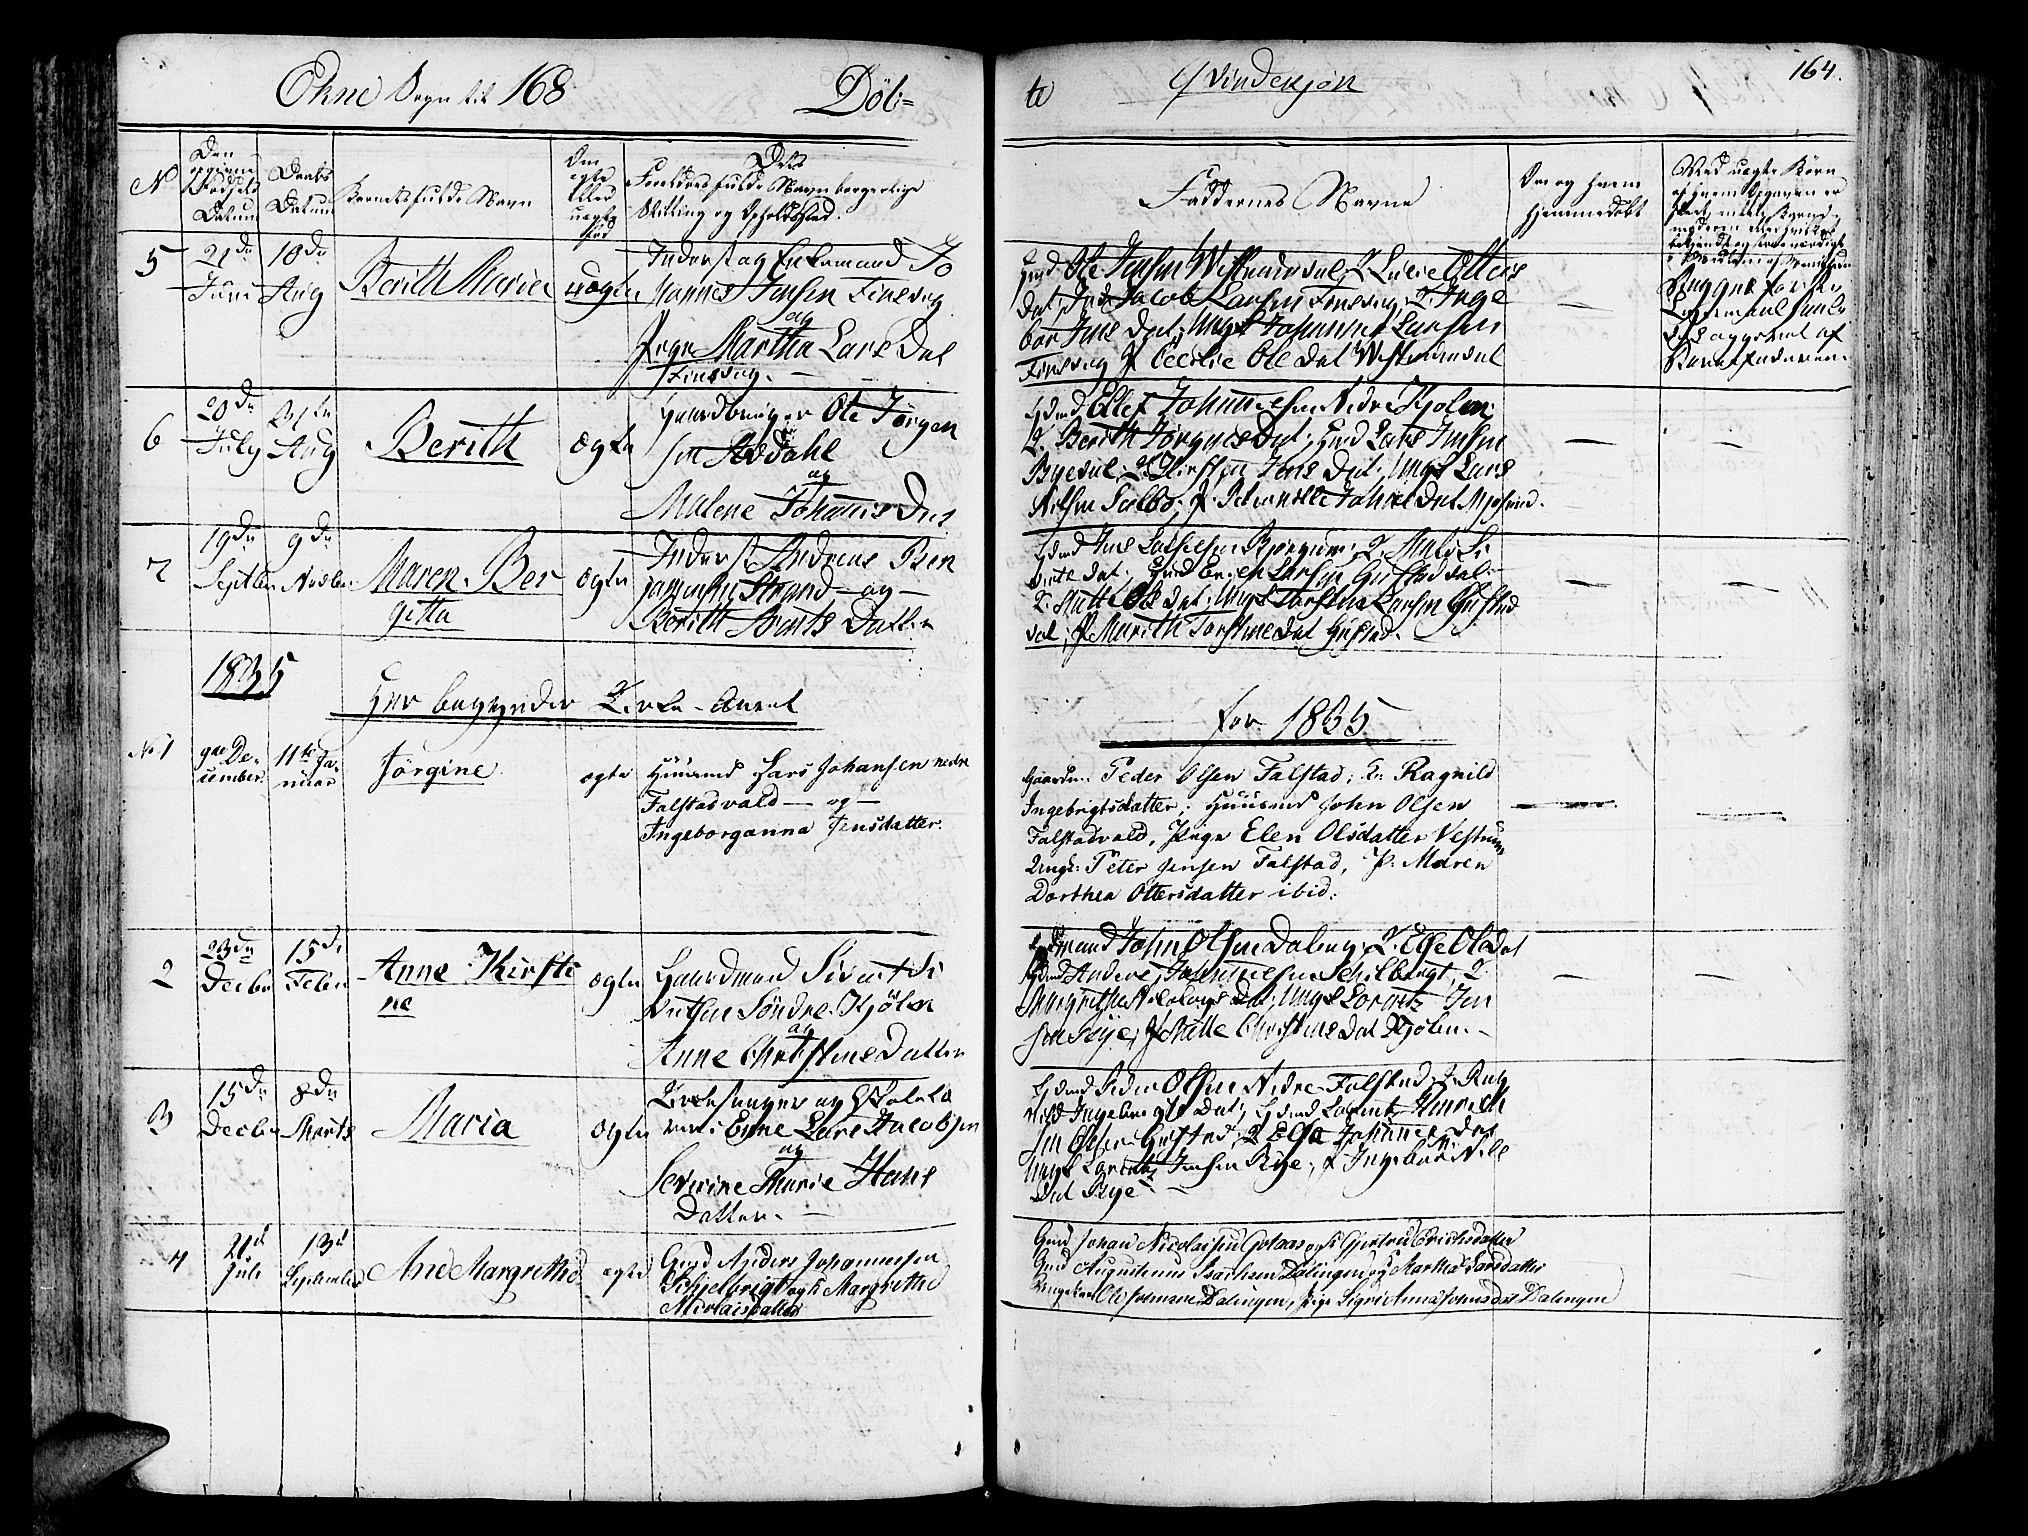 SAT, Ministerialprotokoller, klokkerbøker og fødselsregistre - Nord-Trøndelag, 717/L0152: Ministerialbok nr. 717A05 /2, 1828-1836, s. 164